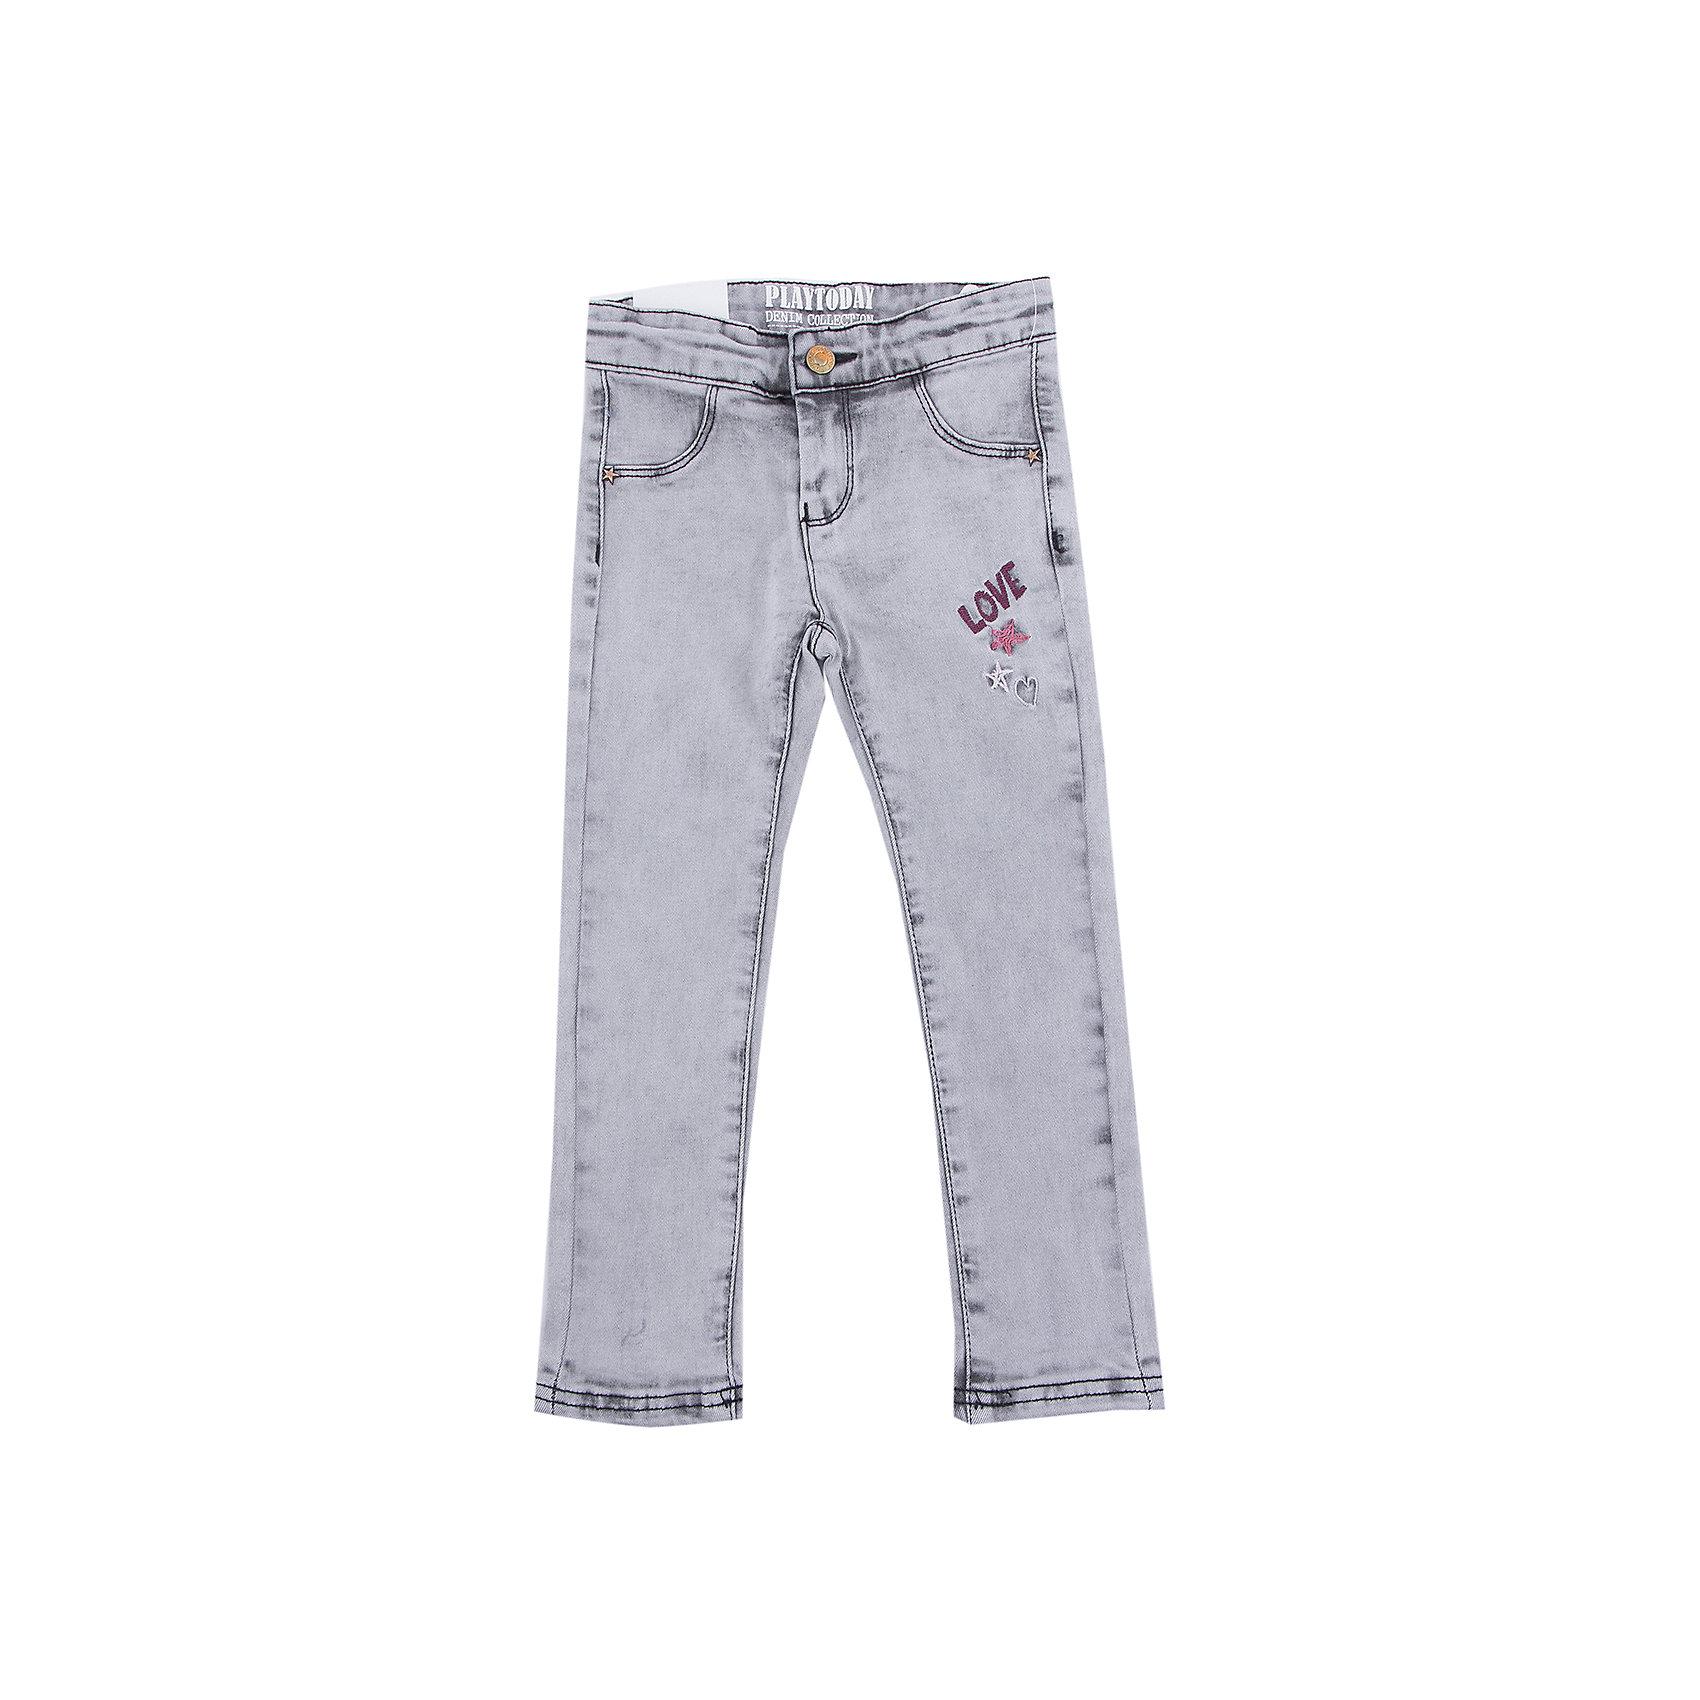 Джинсы PlayToday для девочкиДжинсы<br>Джинсы PlayToday для девочки<br>Классические брюки - джинсы из натурального хлопка - отличное решение для повседневного гардероба. Добавление в материал эластана позволяет изделию хорошо сесть по фигуре. Брюки декорированы потертостями и принтом.<br>Состав:<br>75% хлопок, 23% полиэстер, 2% эластан<br><br>Ширина мм: 215<br>Глубина мм: 88<br>Высота мм: 191<br>Вес г: 336<br>Цвет: серый<br>Возраст от месяцев: 84<br>Возраст до месяцев: 96<br>Пол: Женский<br>Возраст: Детский<br>Размер: 128,98,104,110,116,122<br>SKU: 7115139